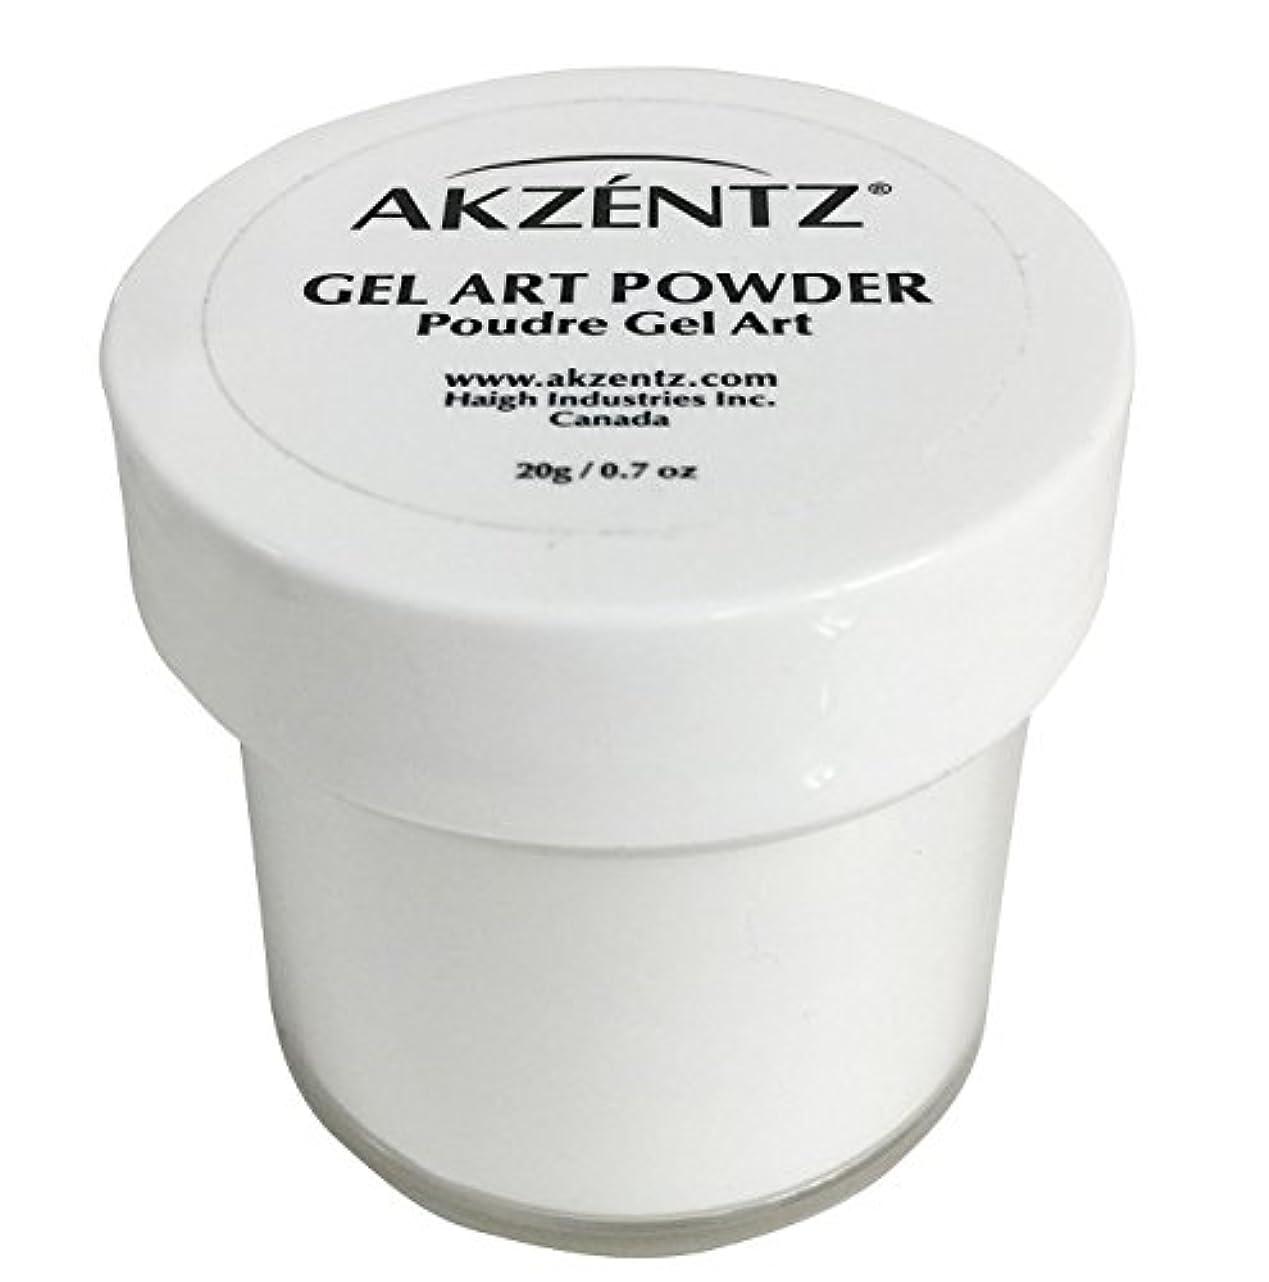 インペリアル弾力性のある違うAKZENTZ(アクセンツ) ジェルアートパウダー 20g